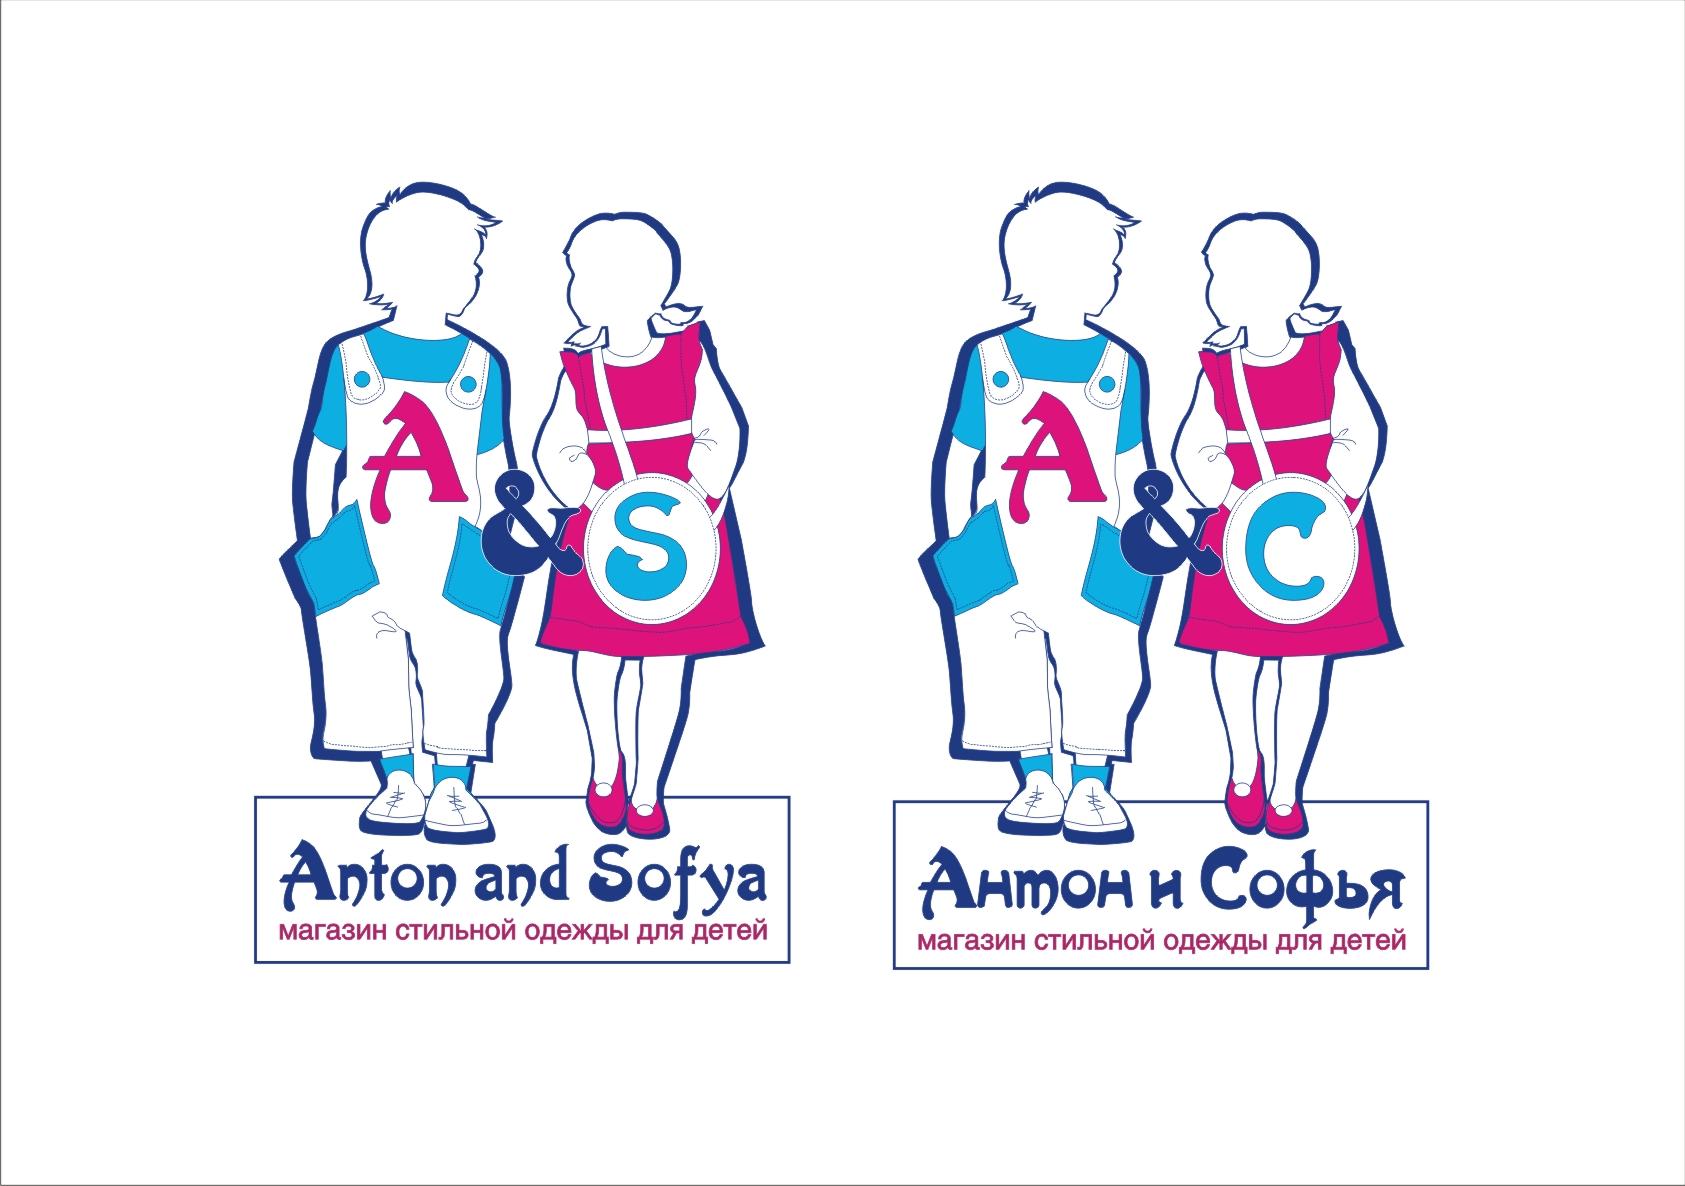 Логотип и вывеска для магазина детской одежды фото f_4c87d34c9c980.jpg